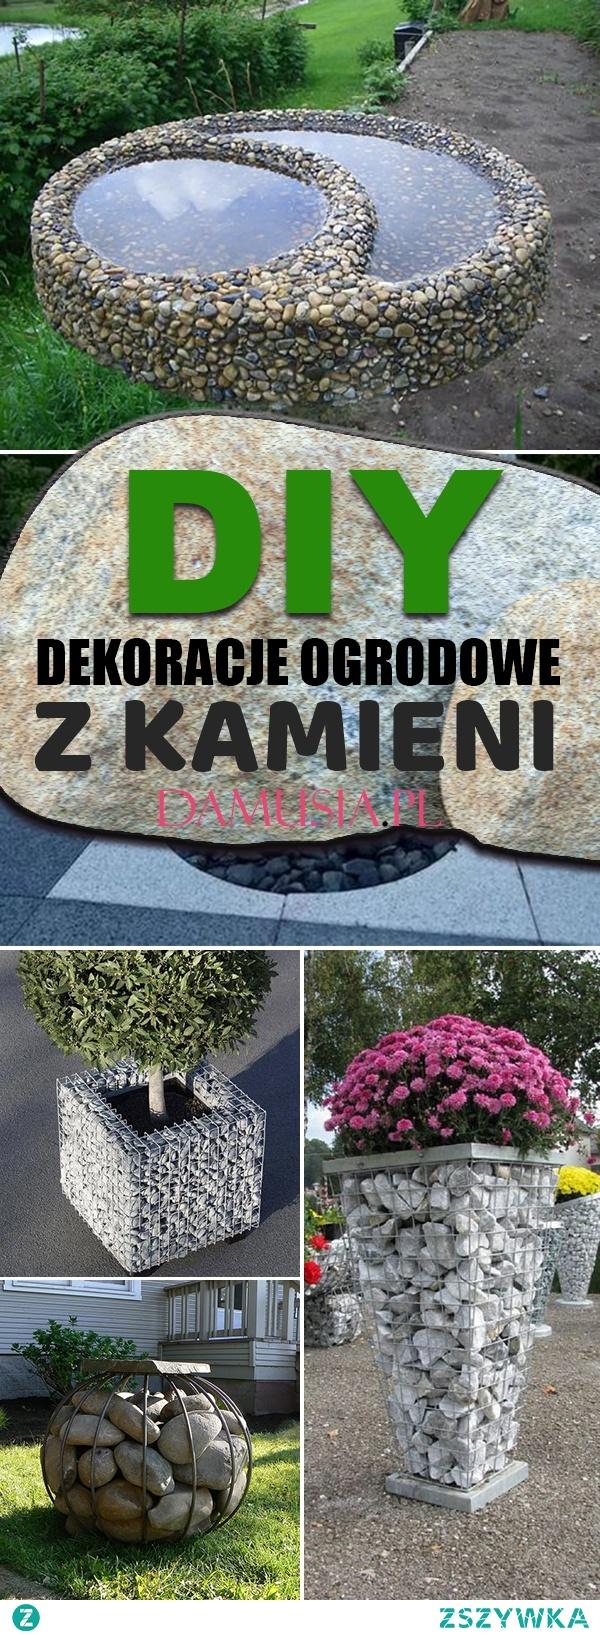 DIY Dekoracje Ogrodowe z Kamieni – Sprawdź Najciekawsze Pomysły!